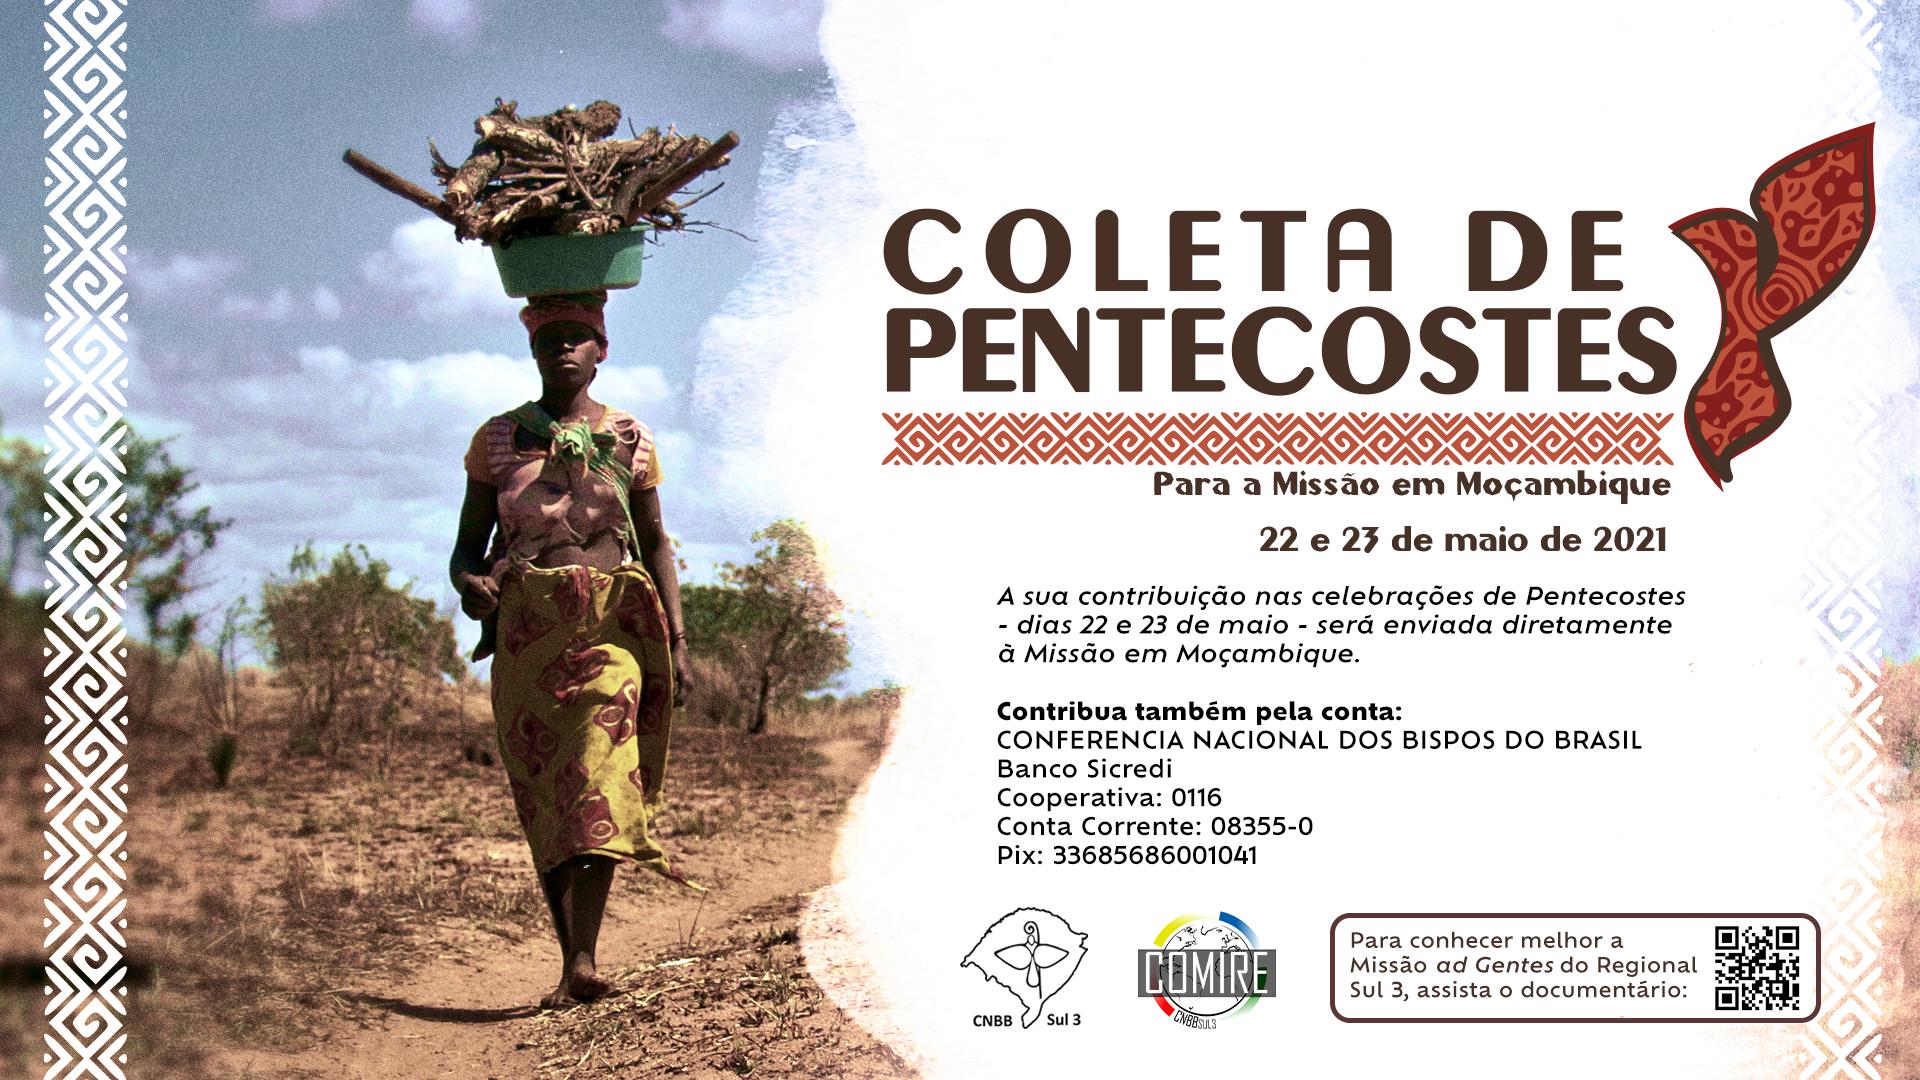 Igreja do Rio Grande do Sul promove coleta em favor da Missão em Moçambique